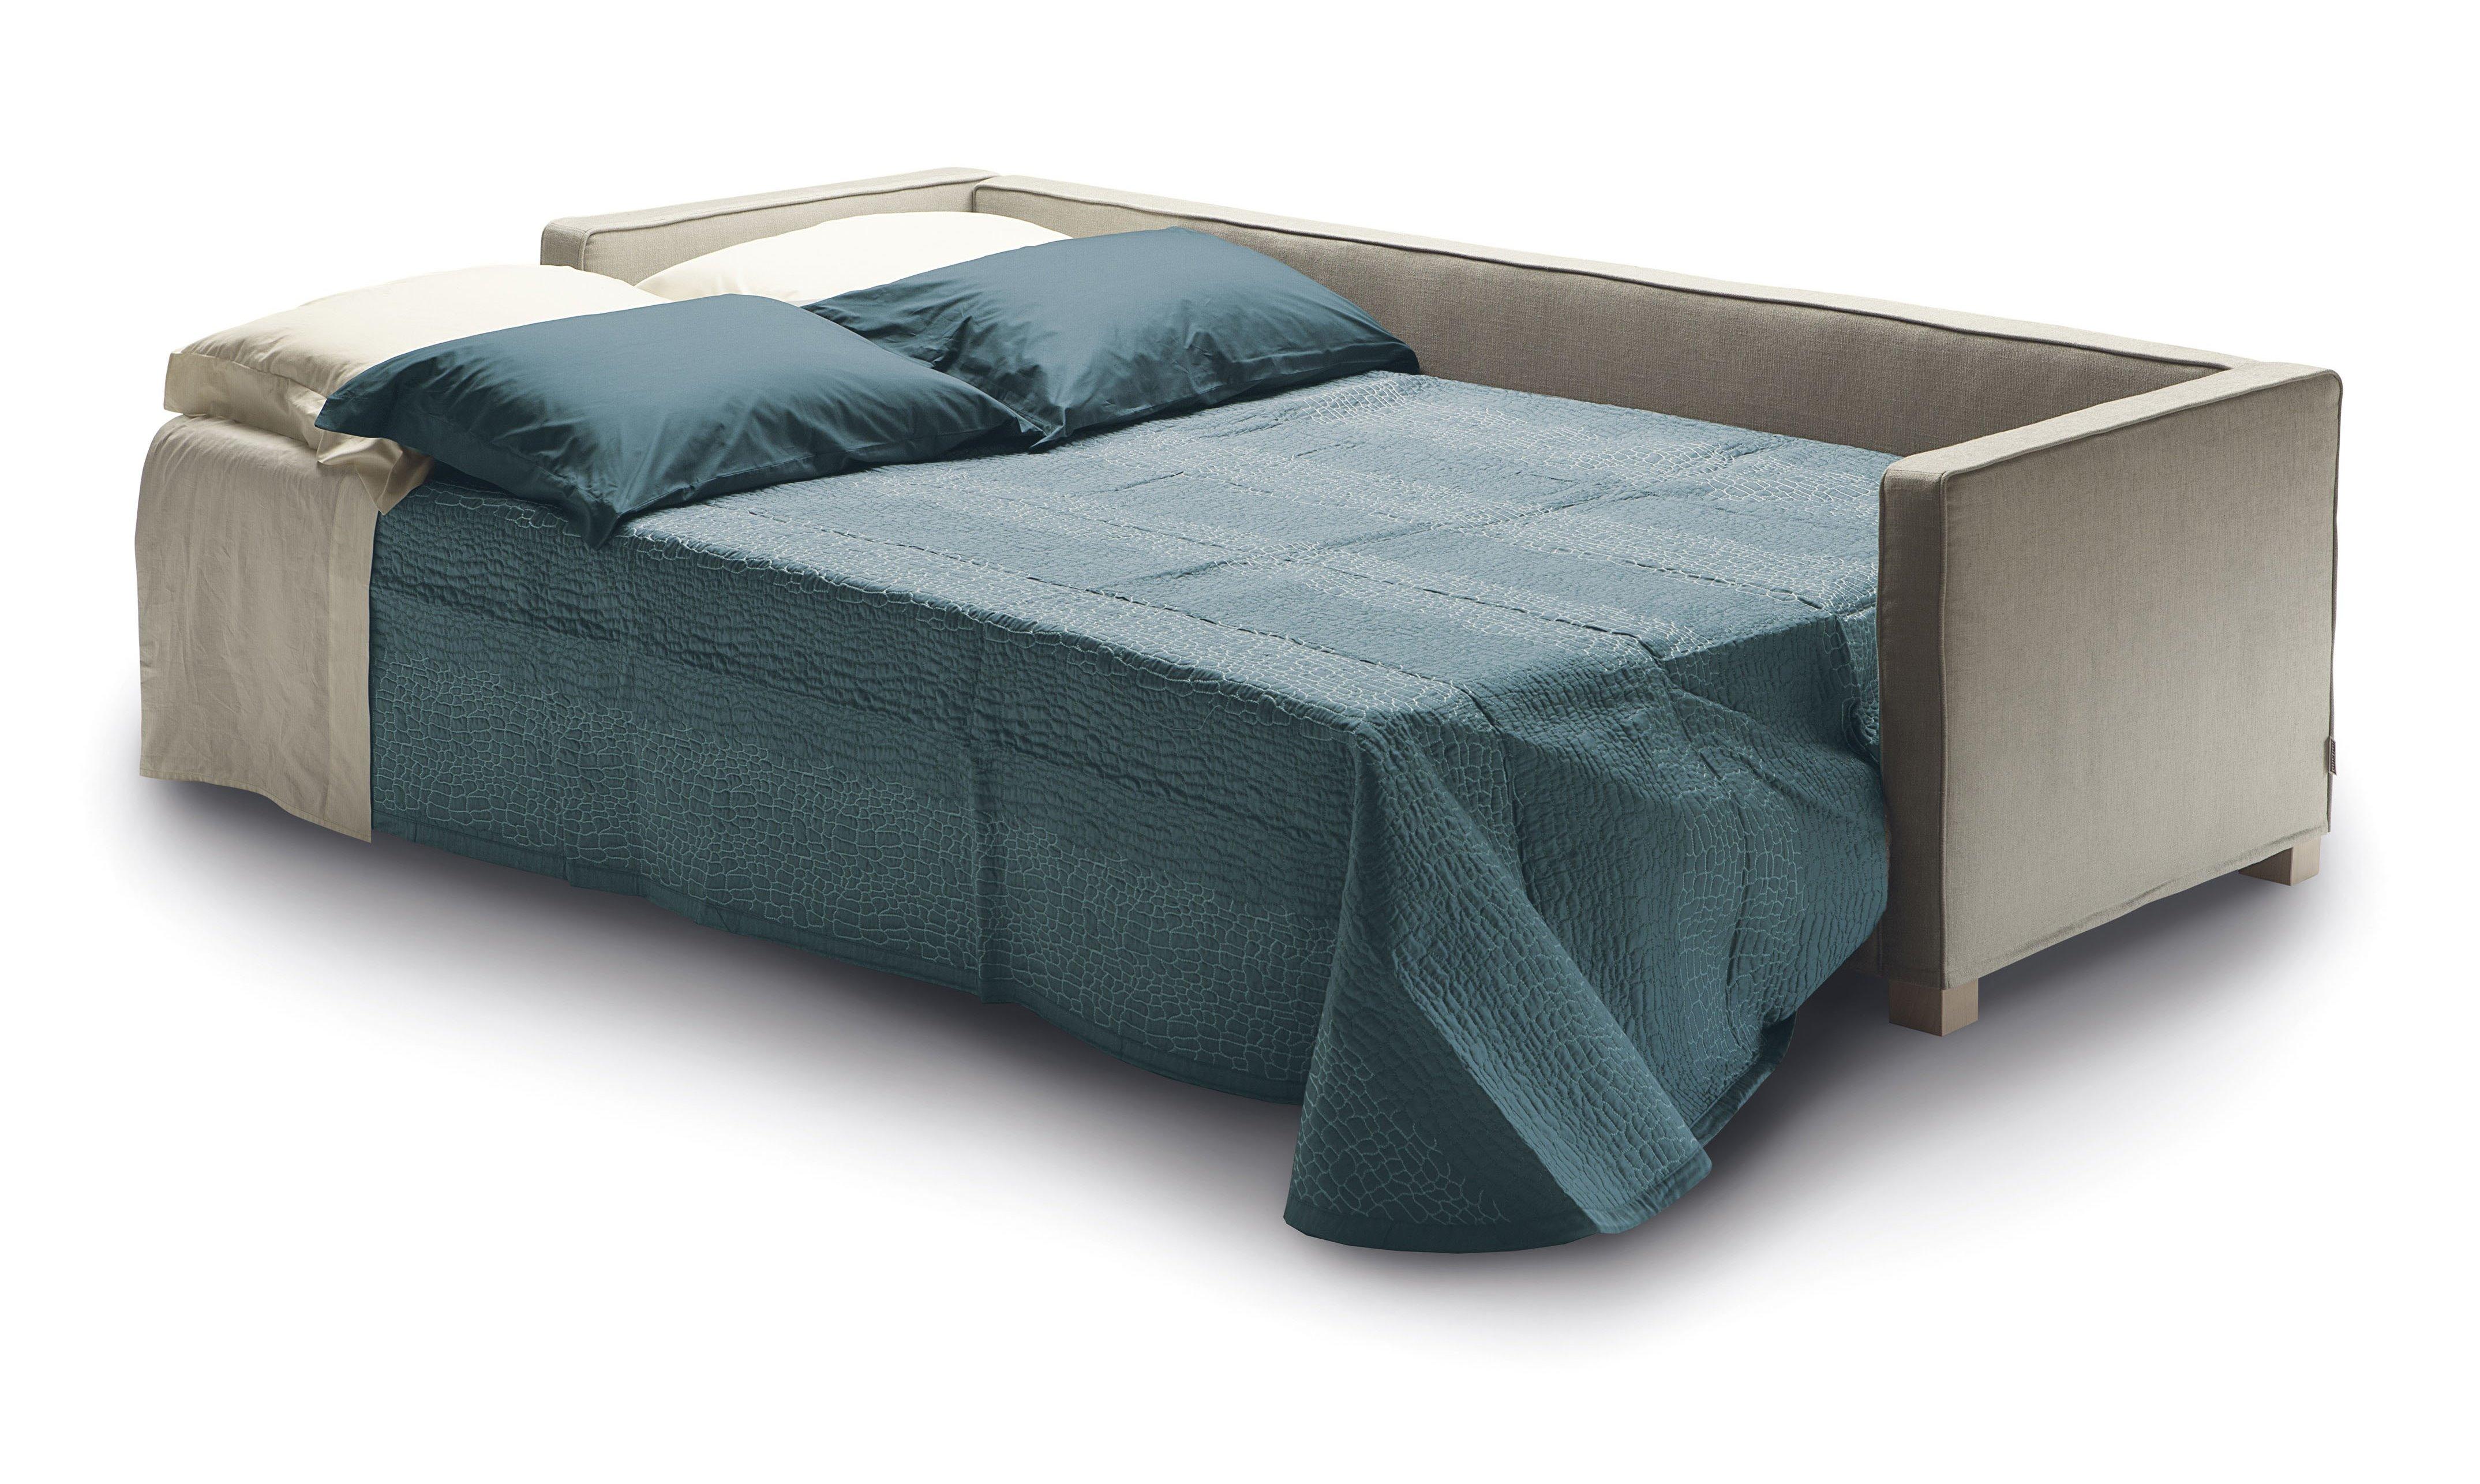 Idee arredare il monolocale come scegliere il letto - Trasformare letto in divano ...